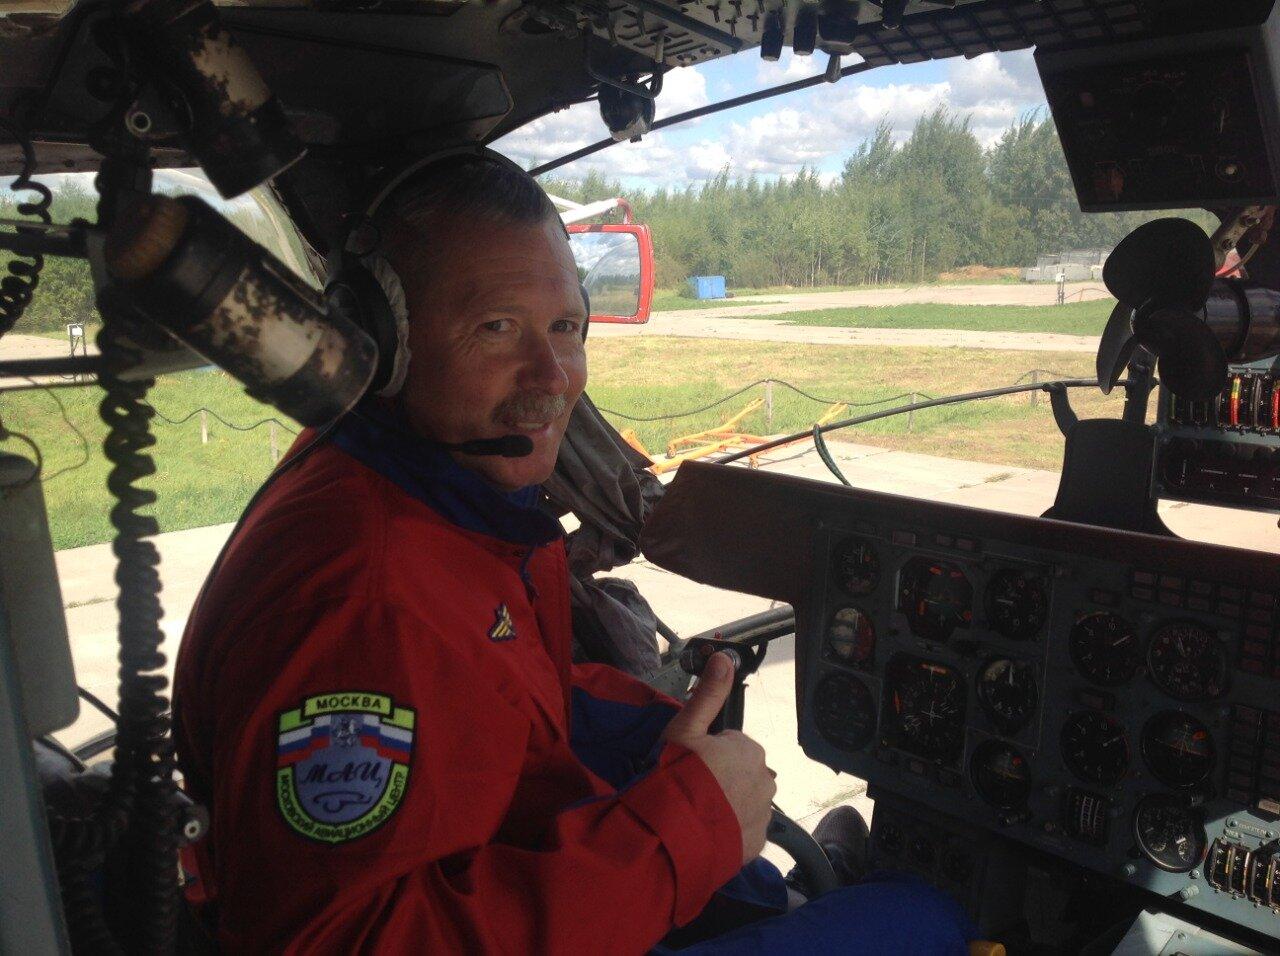 Пилот Максим Клемехин рассказал о своем профессиональном пути